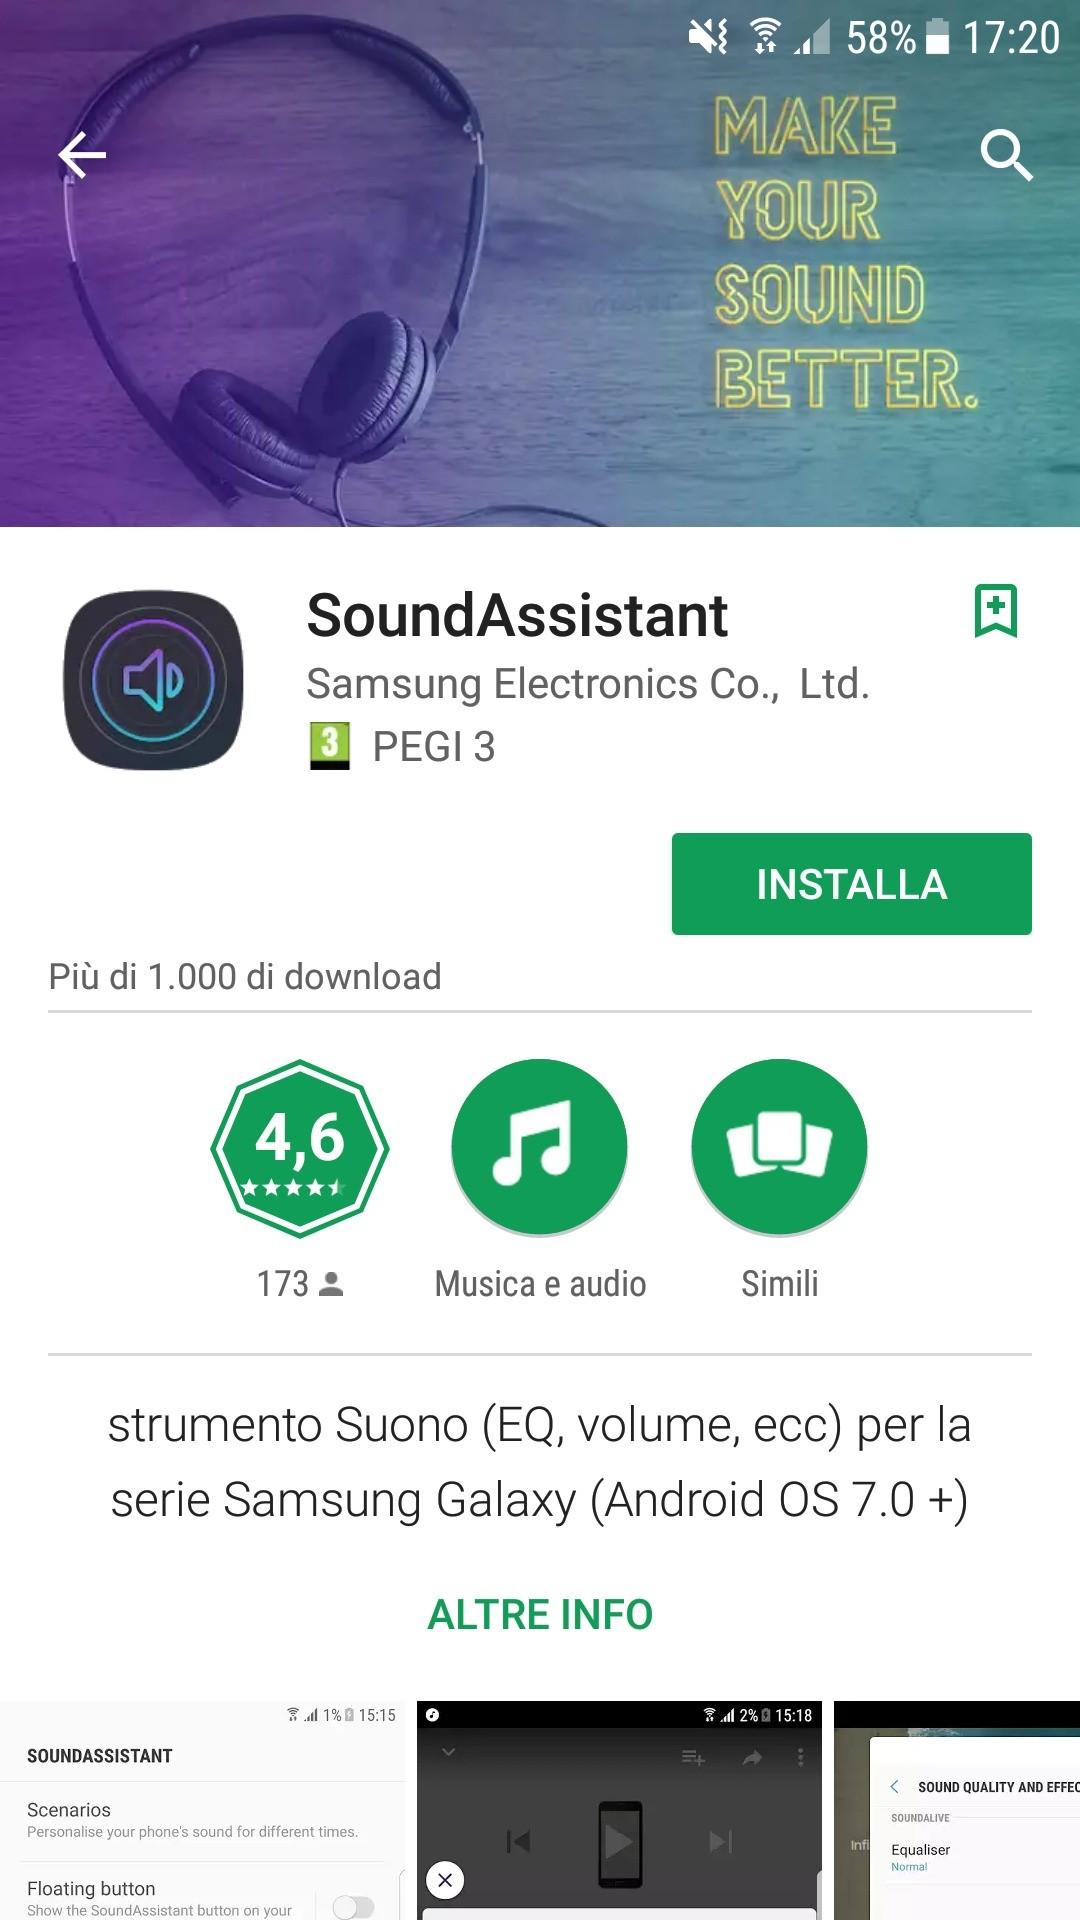 L'applicazione SoundAssistant di Samsung è un potente strumento audio per i dispositivi Galaxy